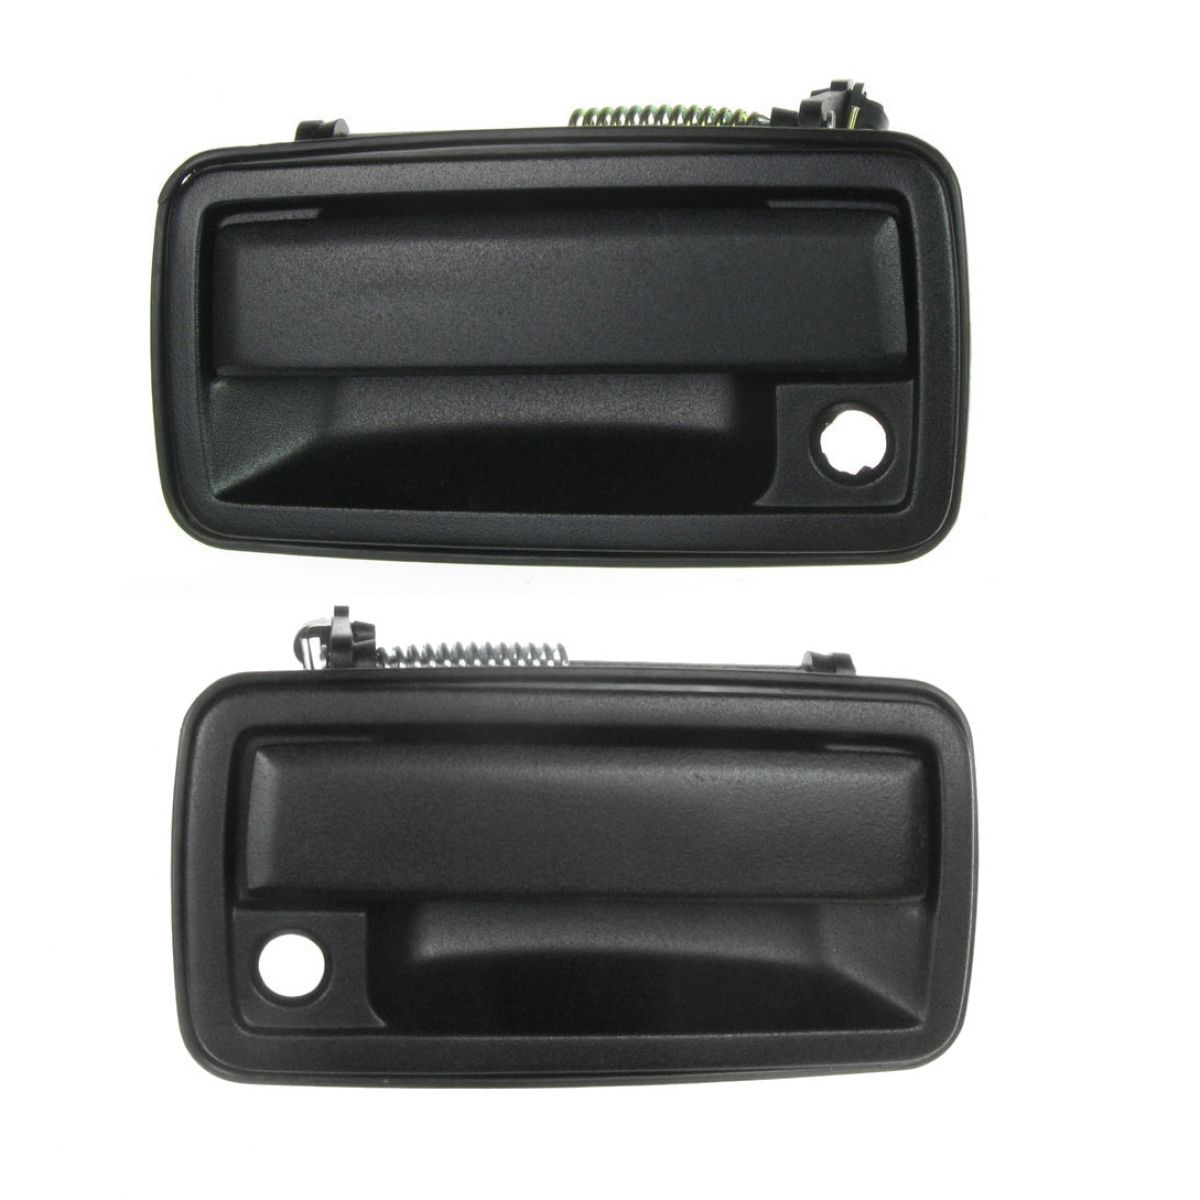 1996 gmc jimmy rear door handle replacement for Back door replacement